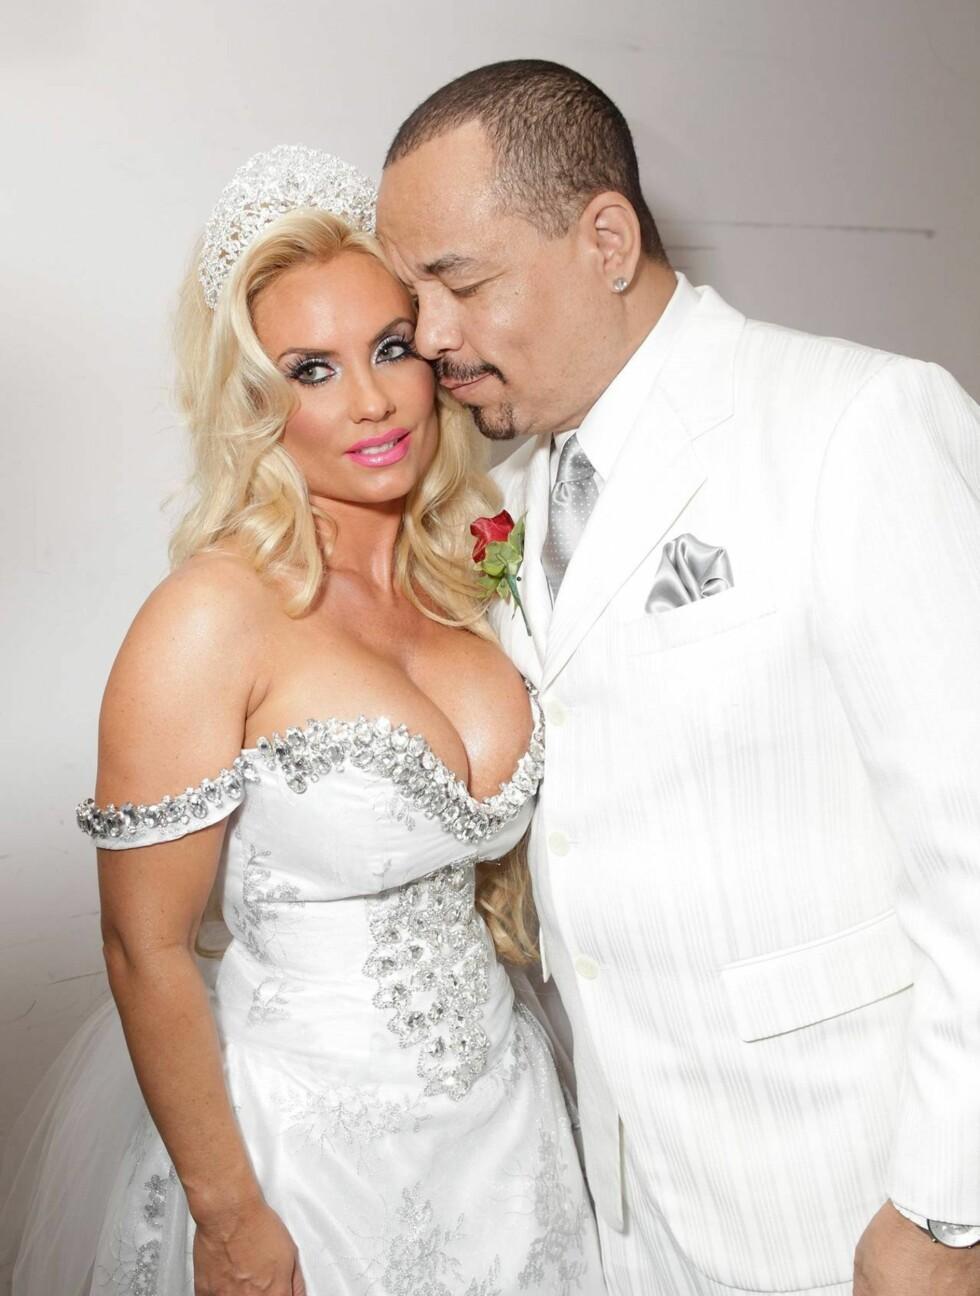 FORELSKET: 10 år etter at de giftet seg er Coco Austin og Ice-T fortsatt like forelsket. Foto: All Over Press